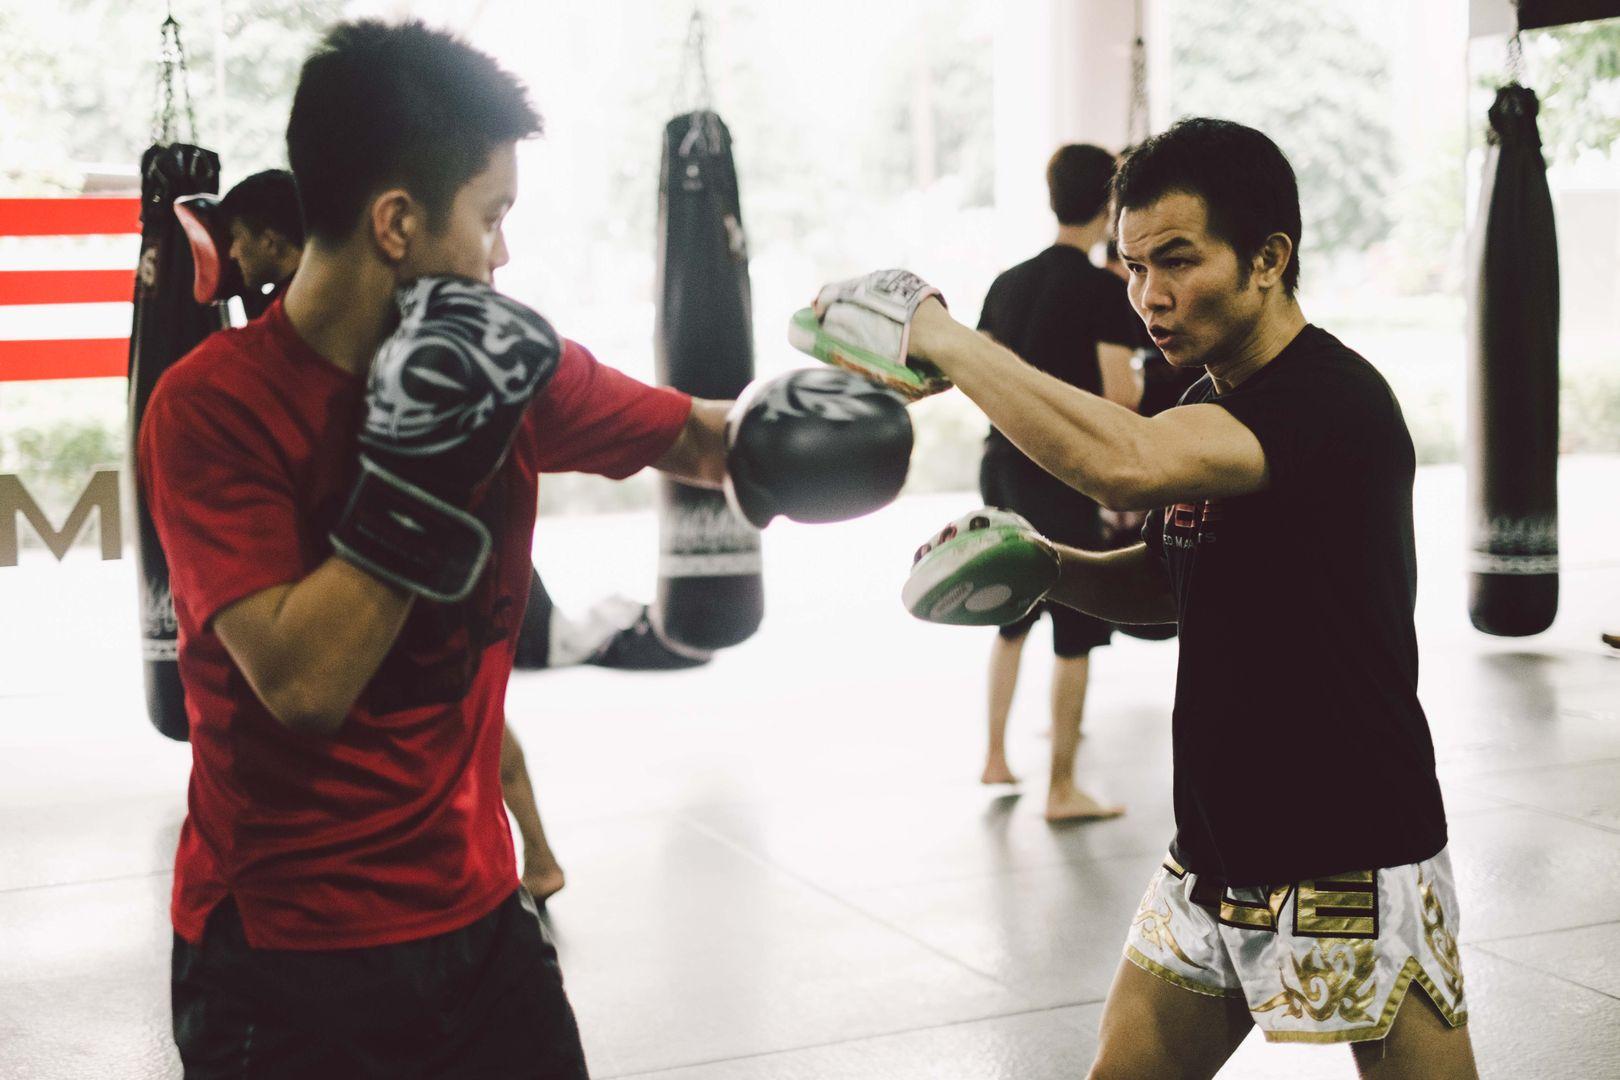 boxing at Evolve Far East Square